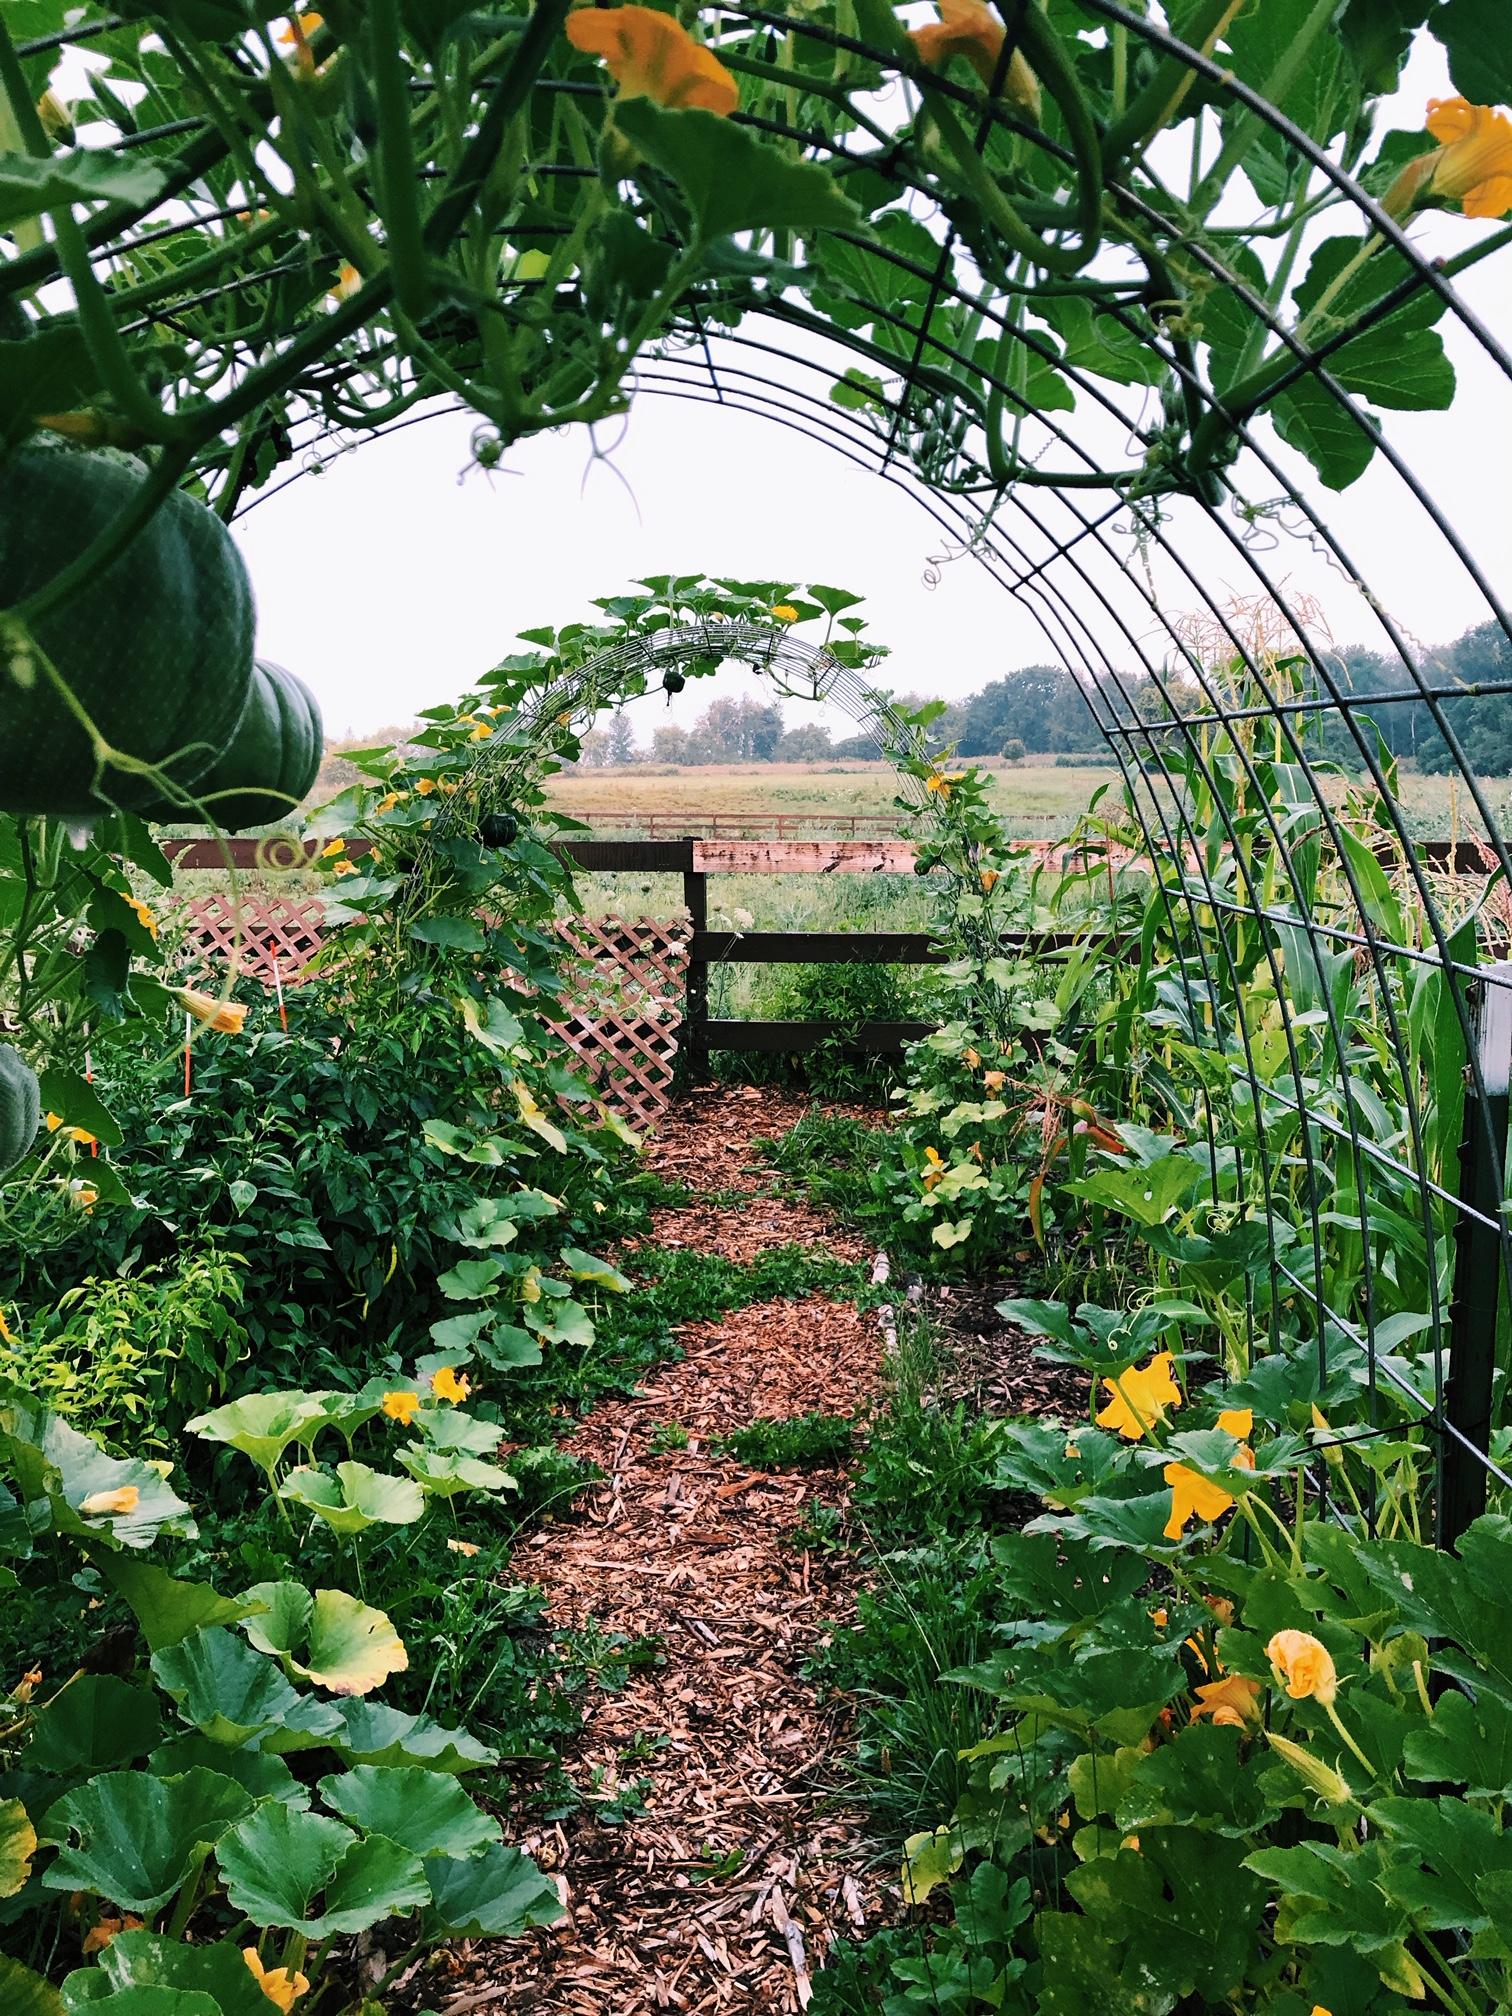 How to Start a Vegetarian or Vegan Homestead | Start a Garden